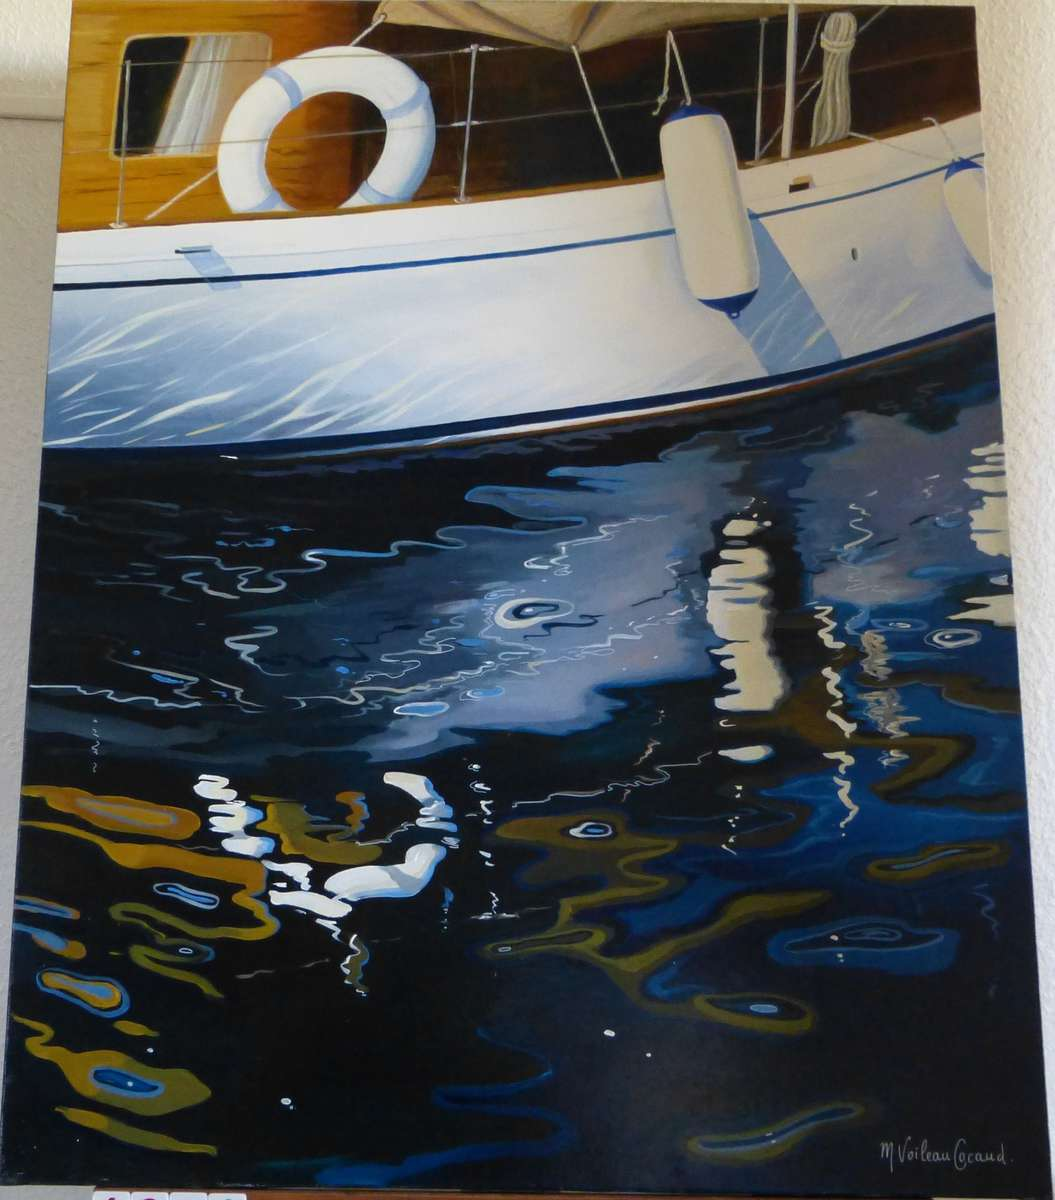 voileau cocaud martine nautic acrylique sur toile 92x73 cm vente aux ench res tableaux. Black Bedroom Furniture Sets. Home Design Ideas